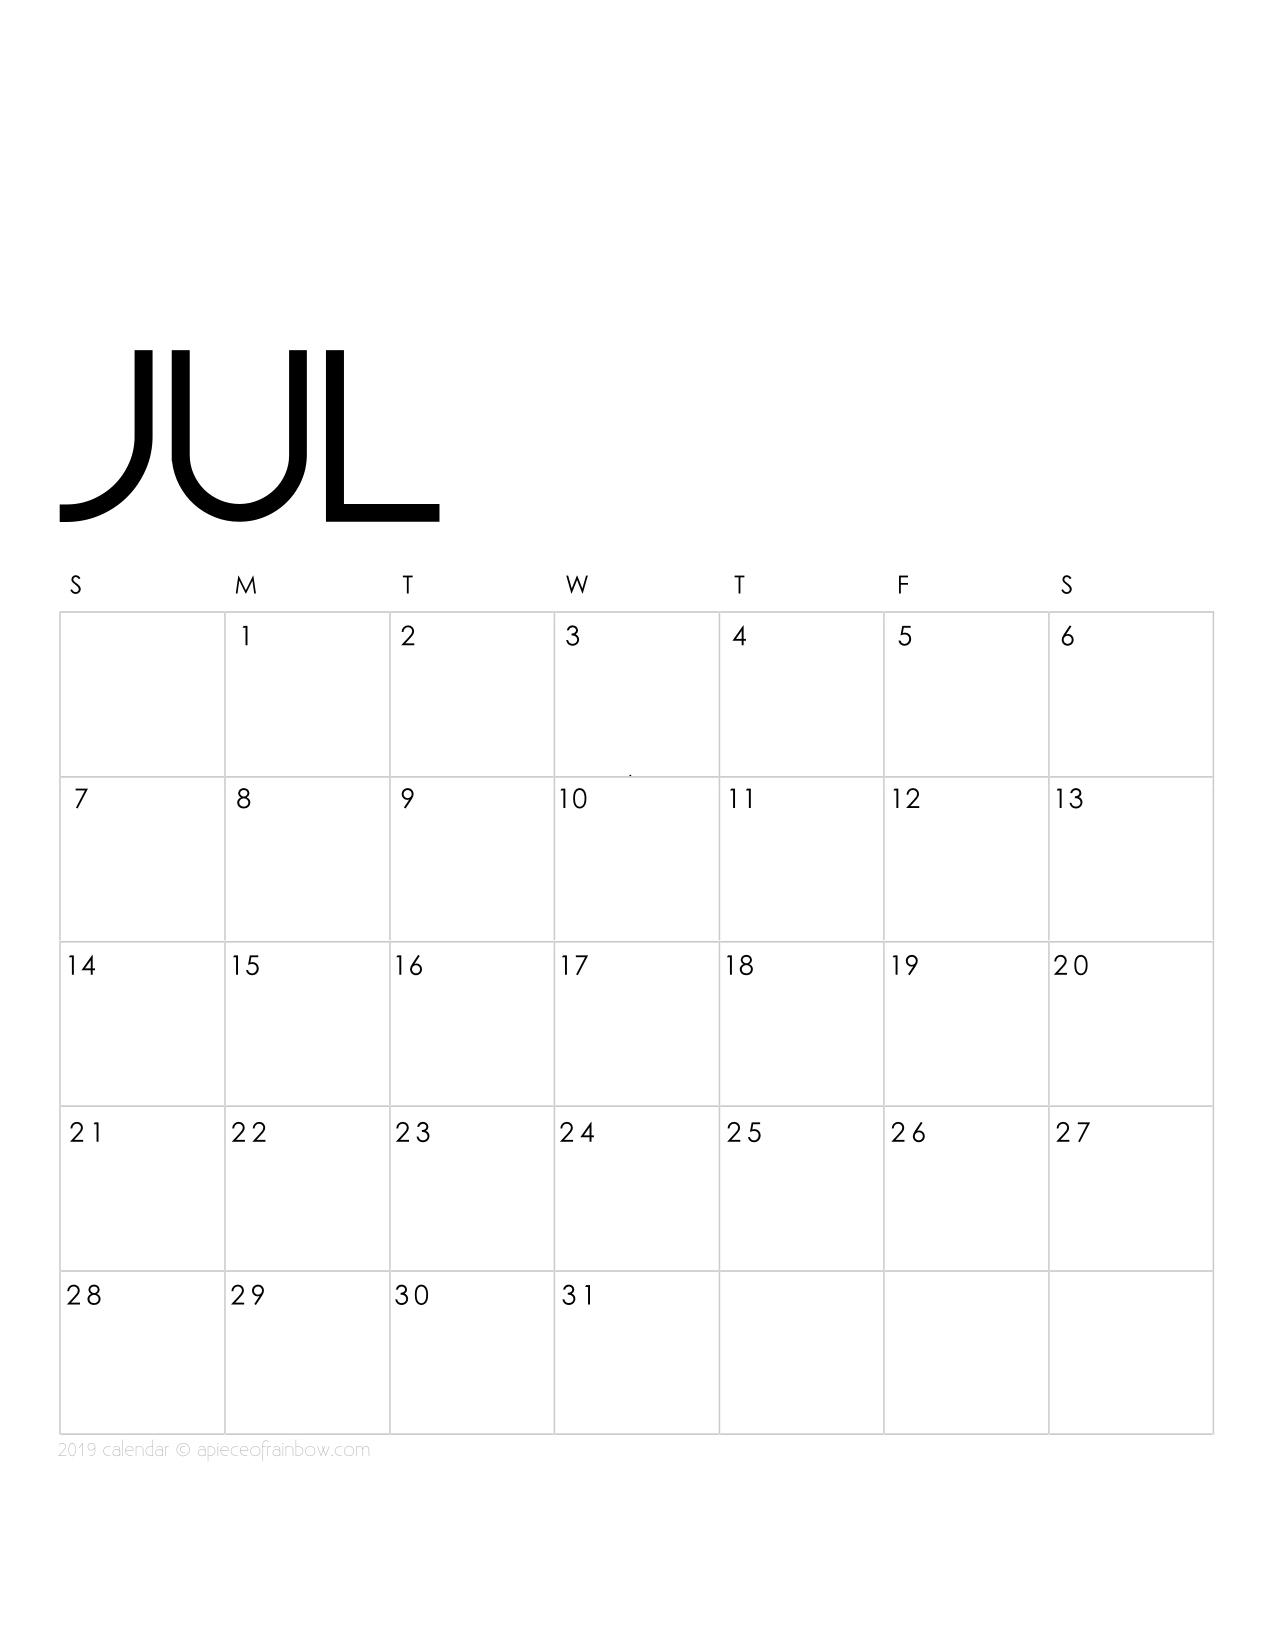 July Calendar 2019 Template